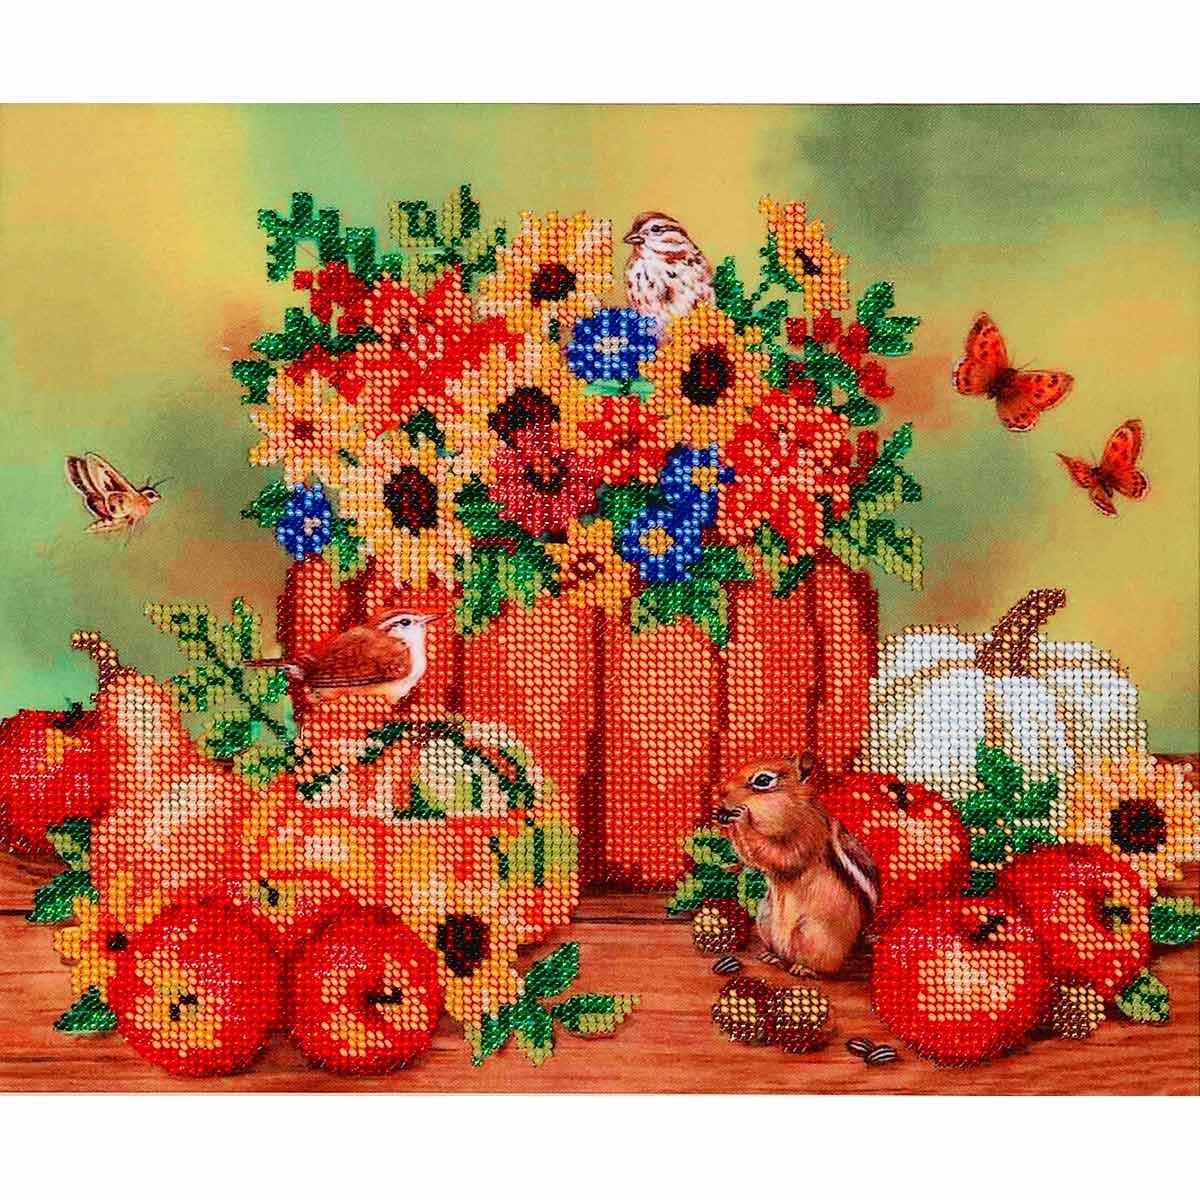 БН-3057 Набор для вышивания бисером Hobby&Pro 'Осенние посиделки', 30*25 см